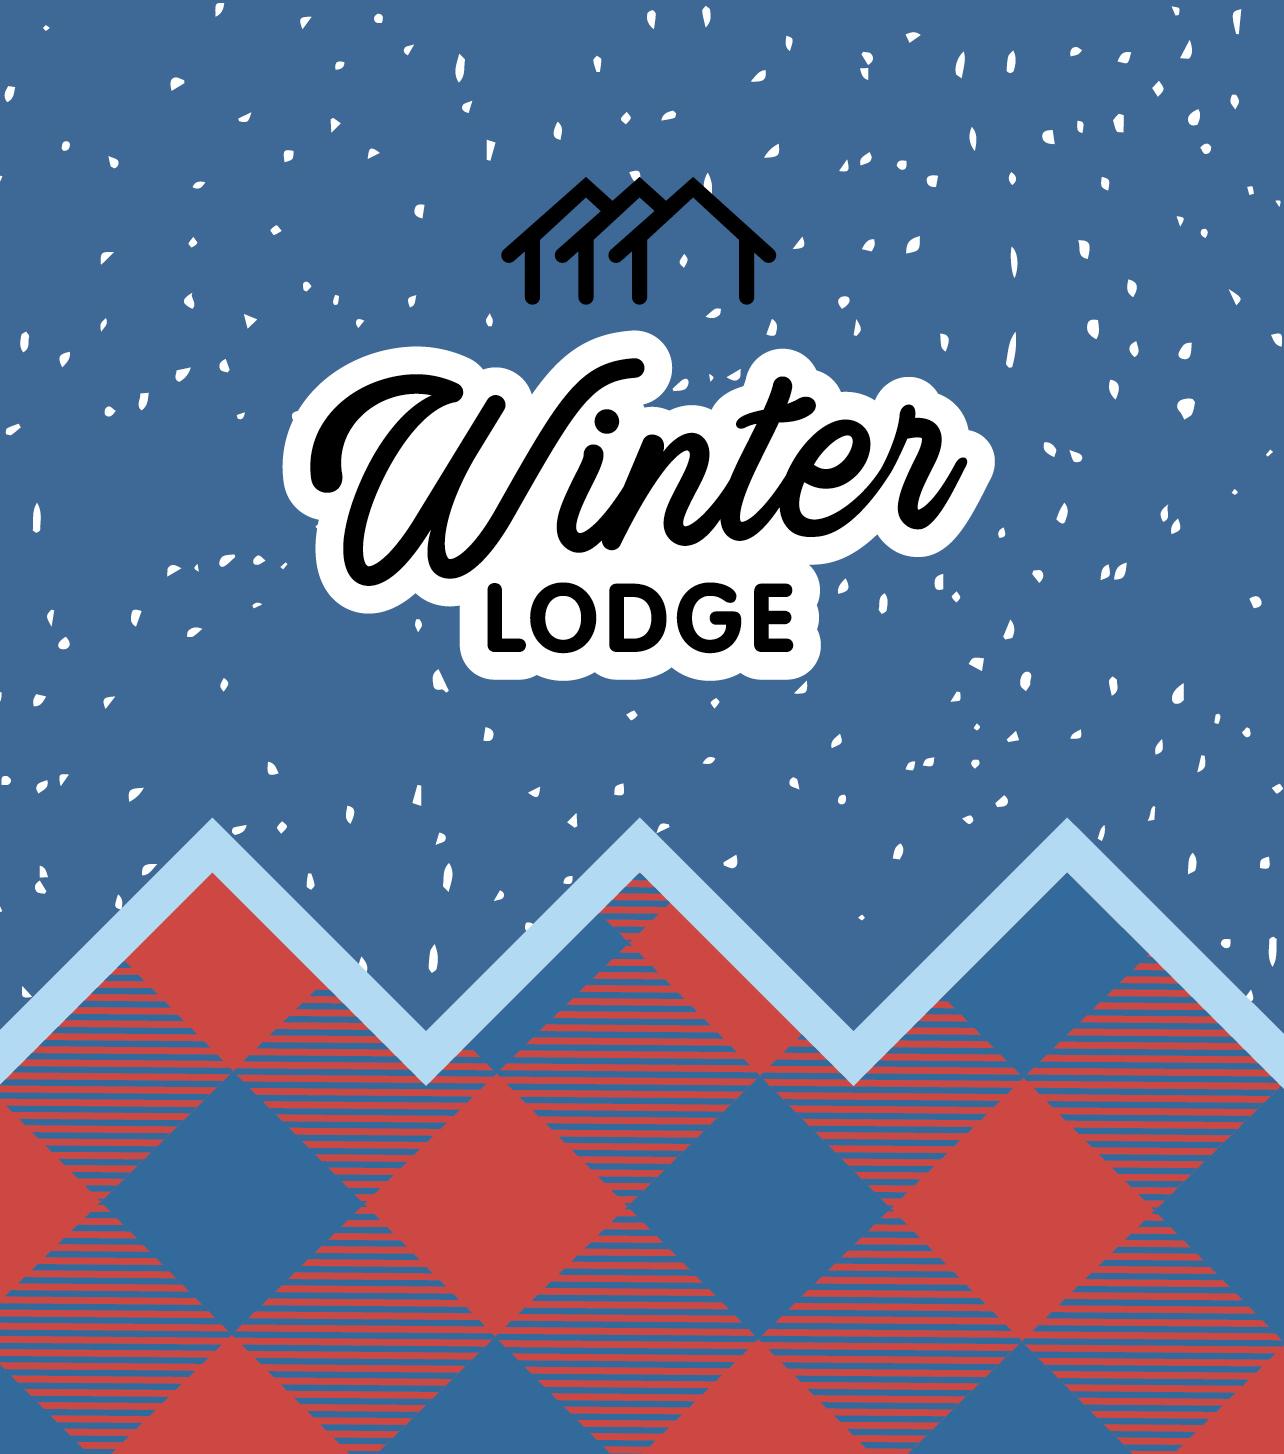 CH4767_Bateau Bay_Winter Lodge_Activation__Web Tiles_FA_642x727px